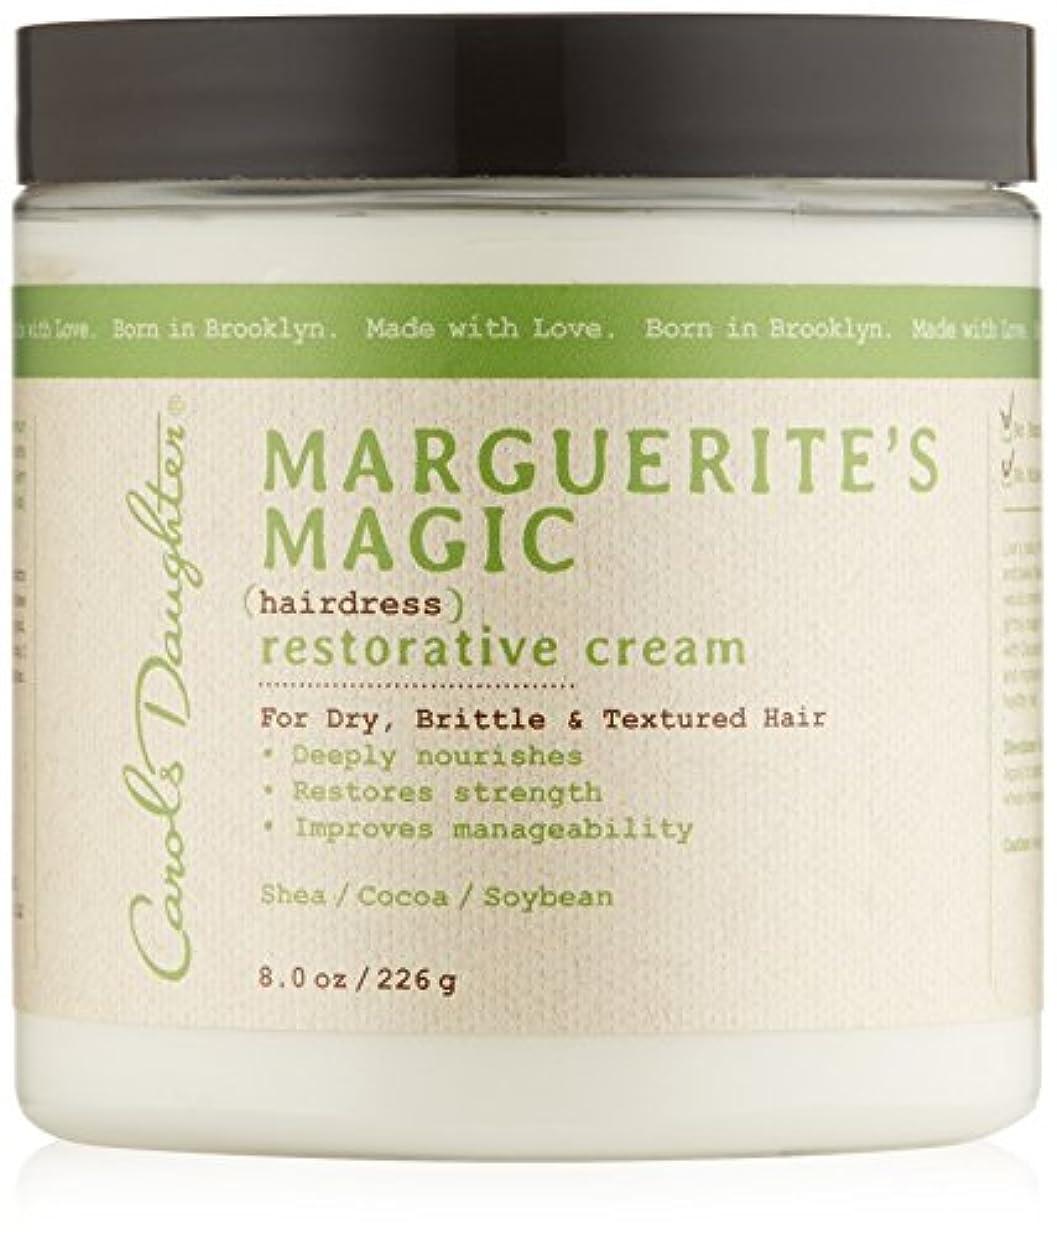 アクセシブル精度義務付けられたキャロルズドーター マルゲリーテス マジック ヘアドレス リストレーティブ クリーム (乾燥して切れやすい髪用) 226g/8oz